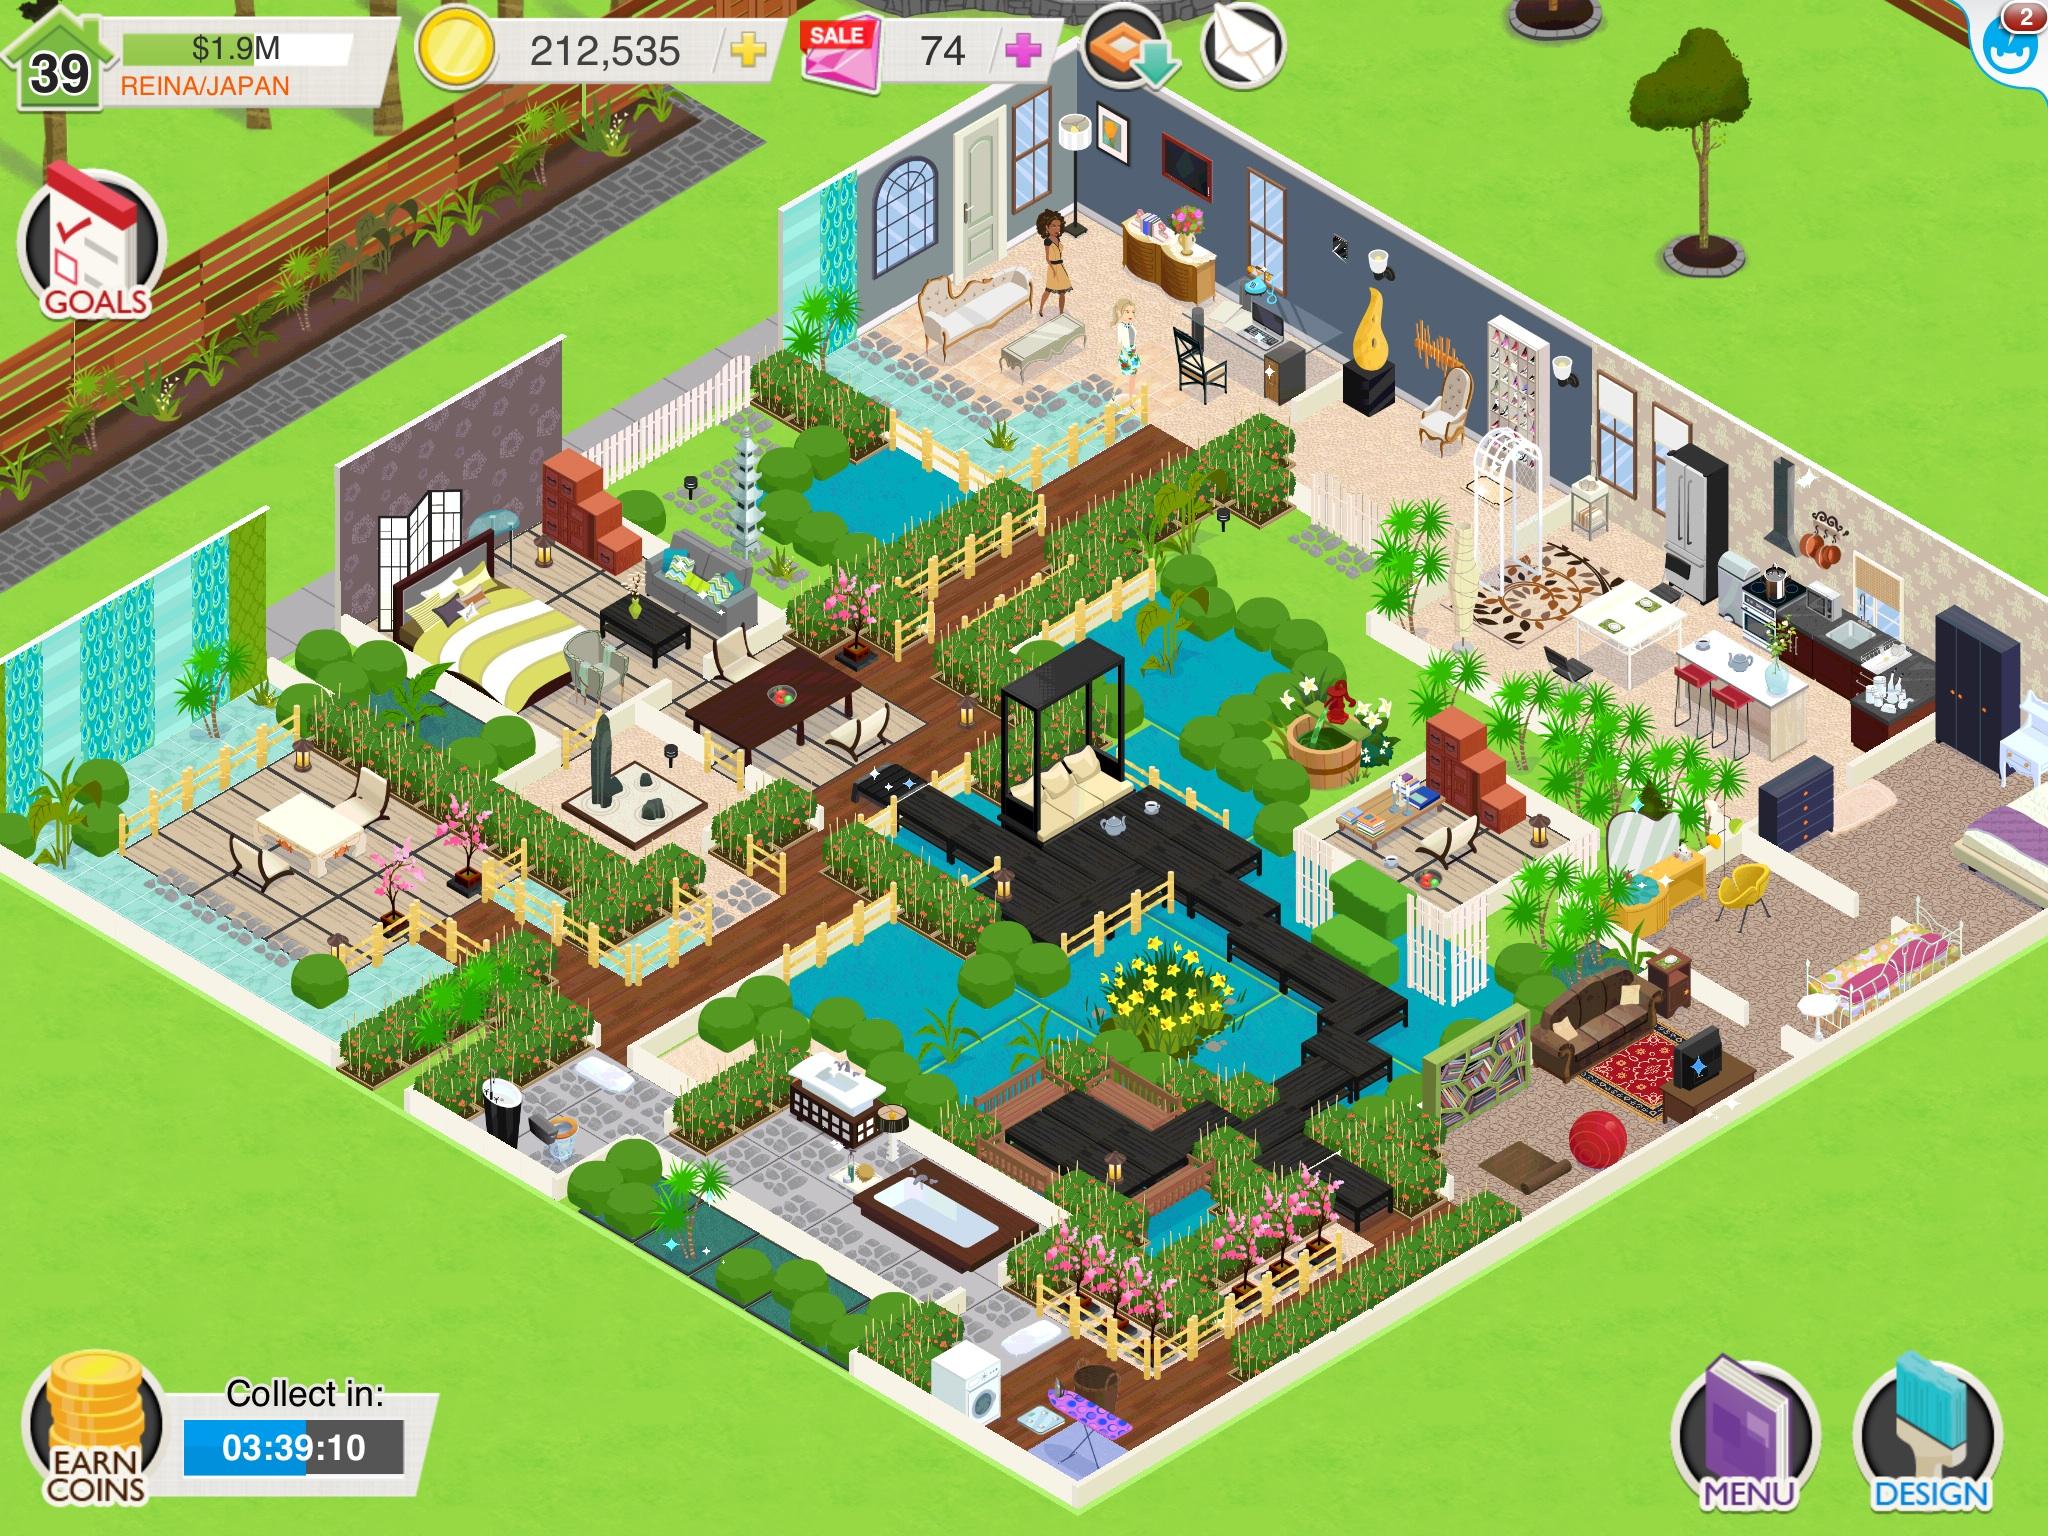 home design story1 reinajapan